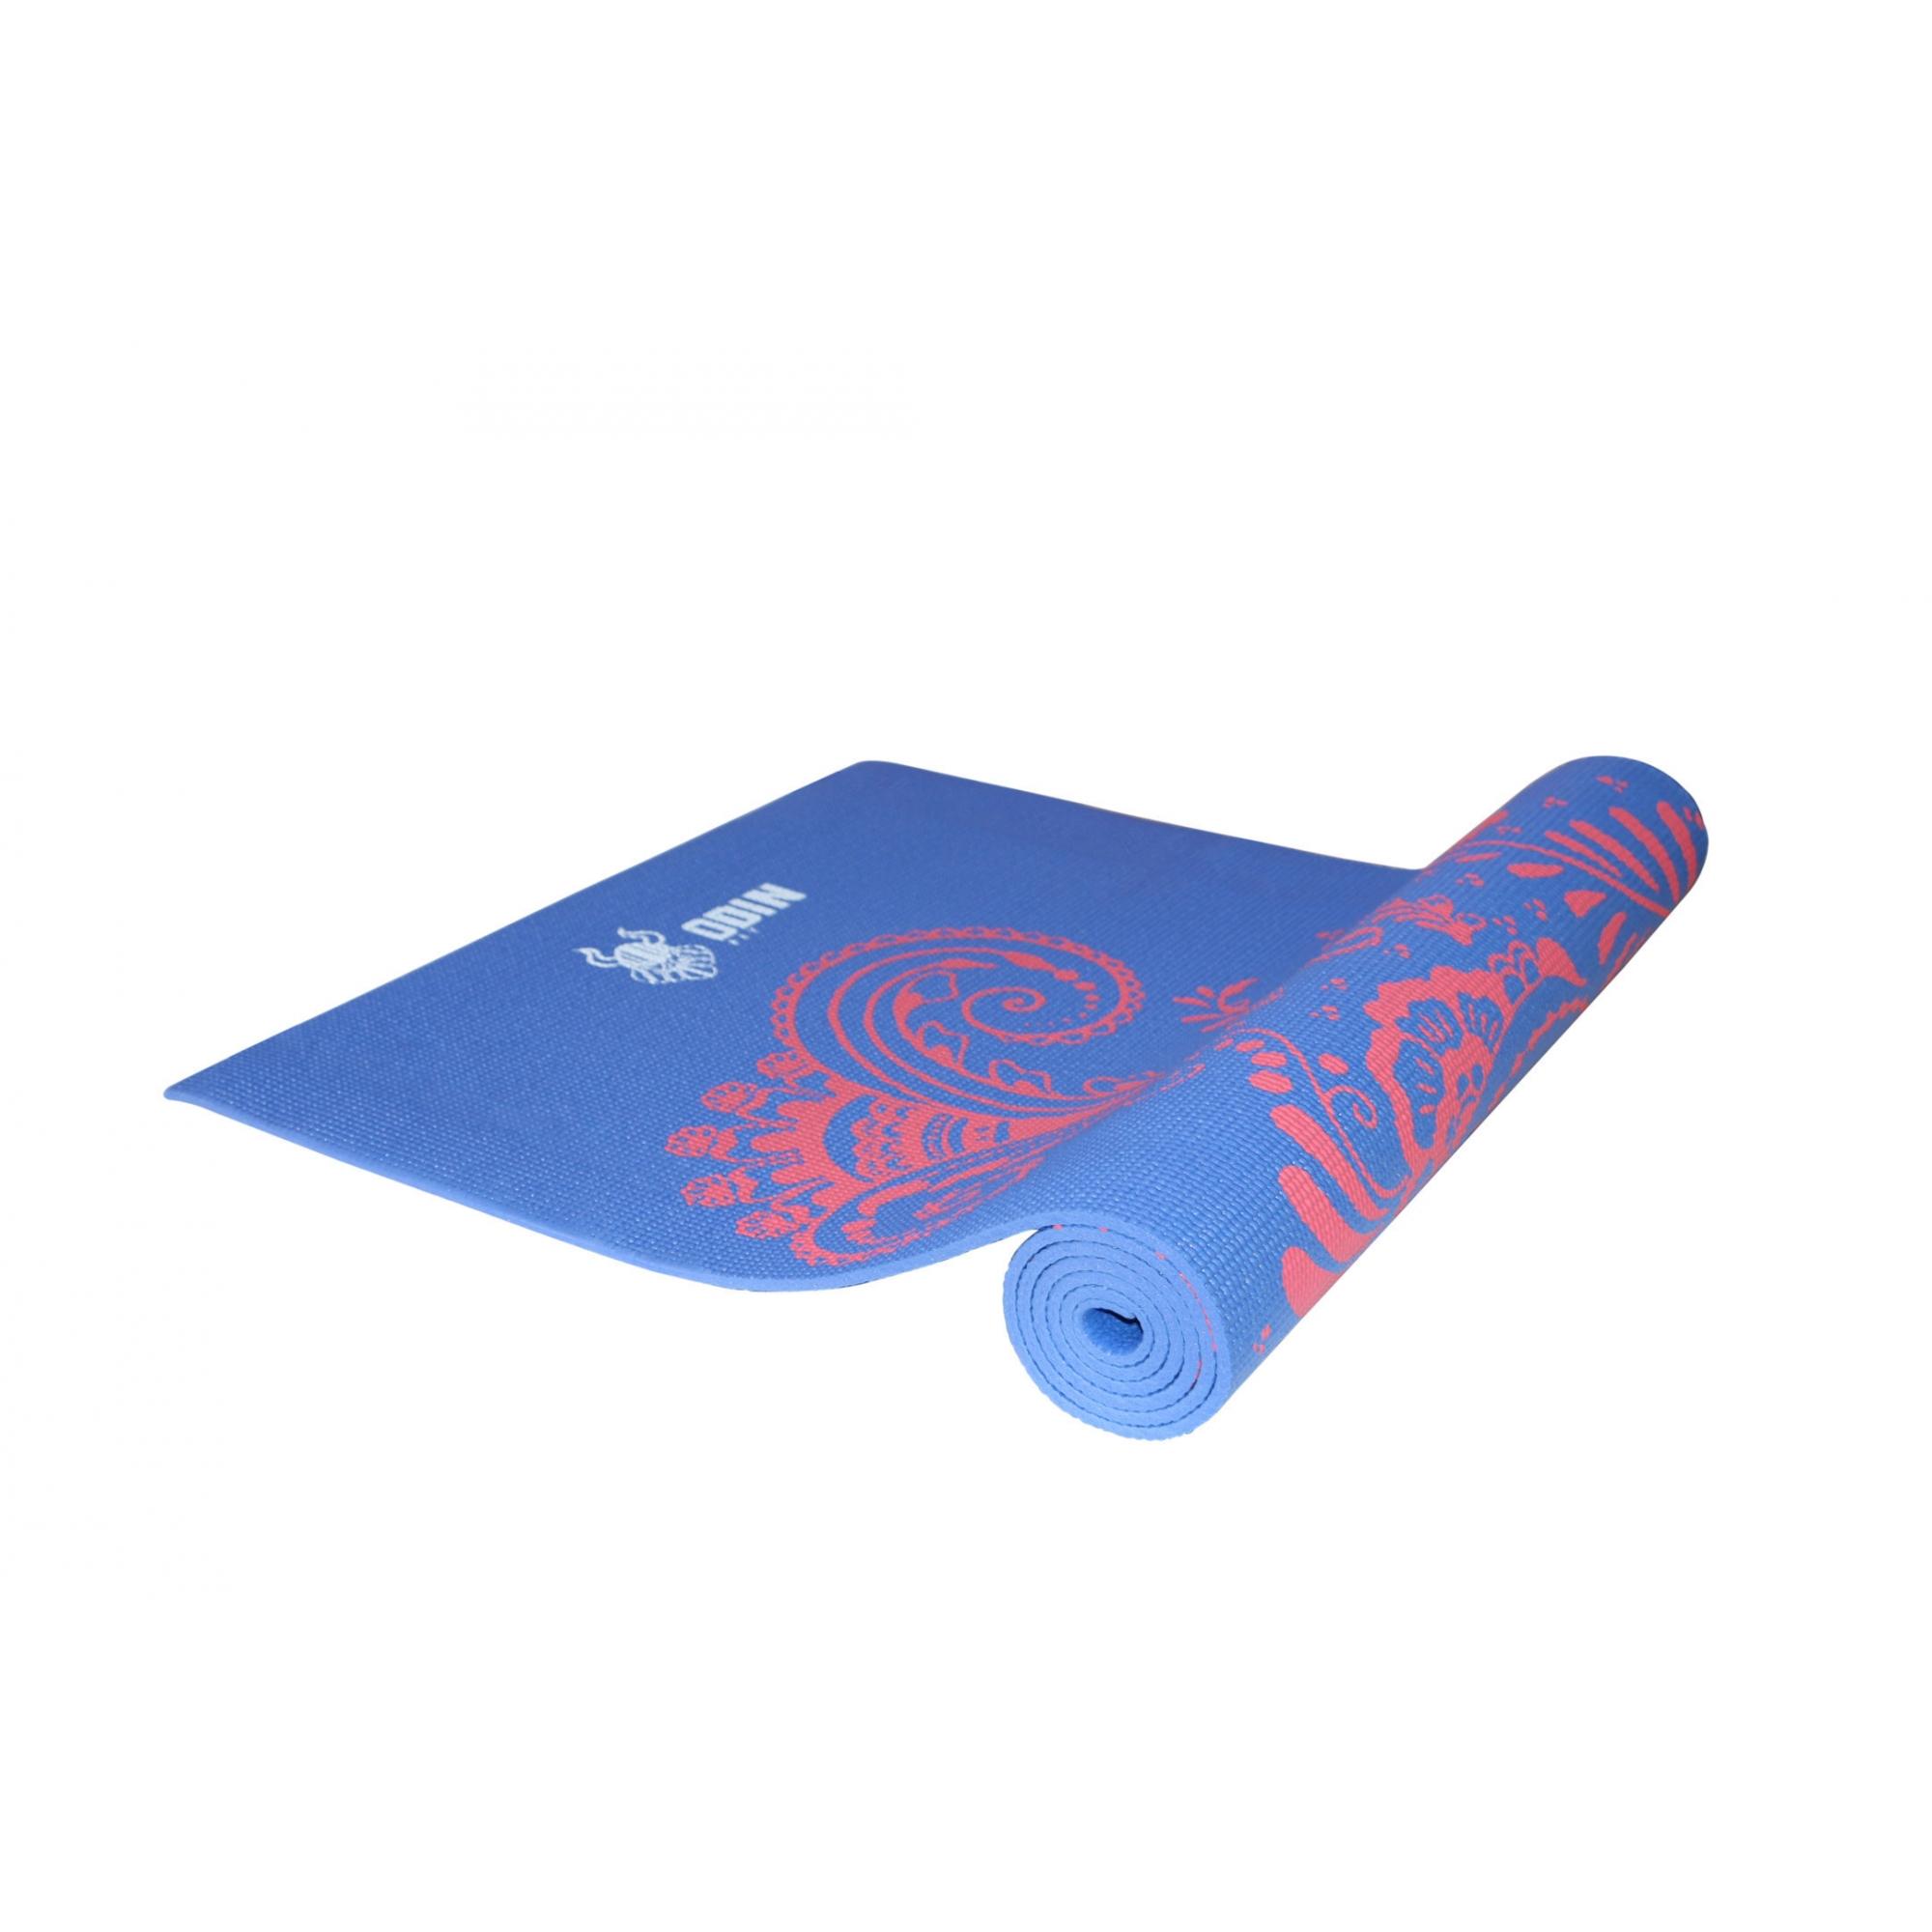 Tapete para Yoga Estampado Colchonete Pilates PVC Odin Fit